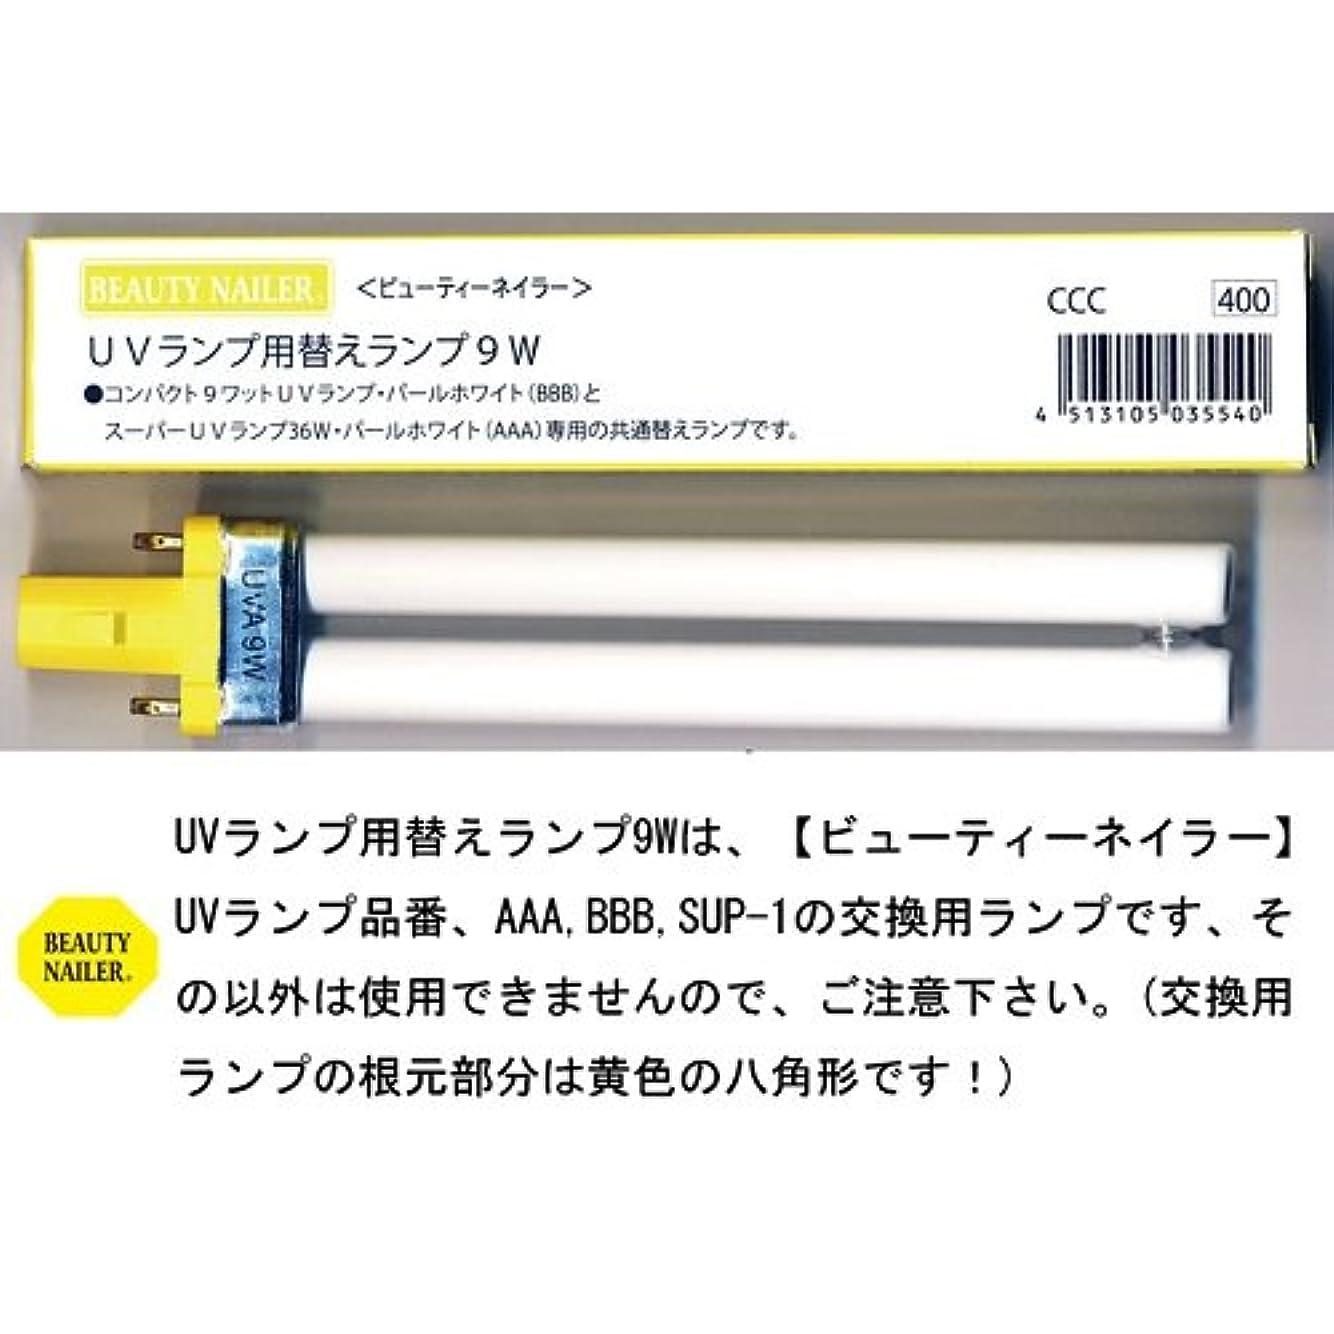 人工的な専制呼ぶビューティーネイラー 交換用UVランプ9W 4本セット CCC-4